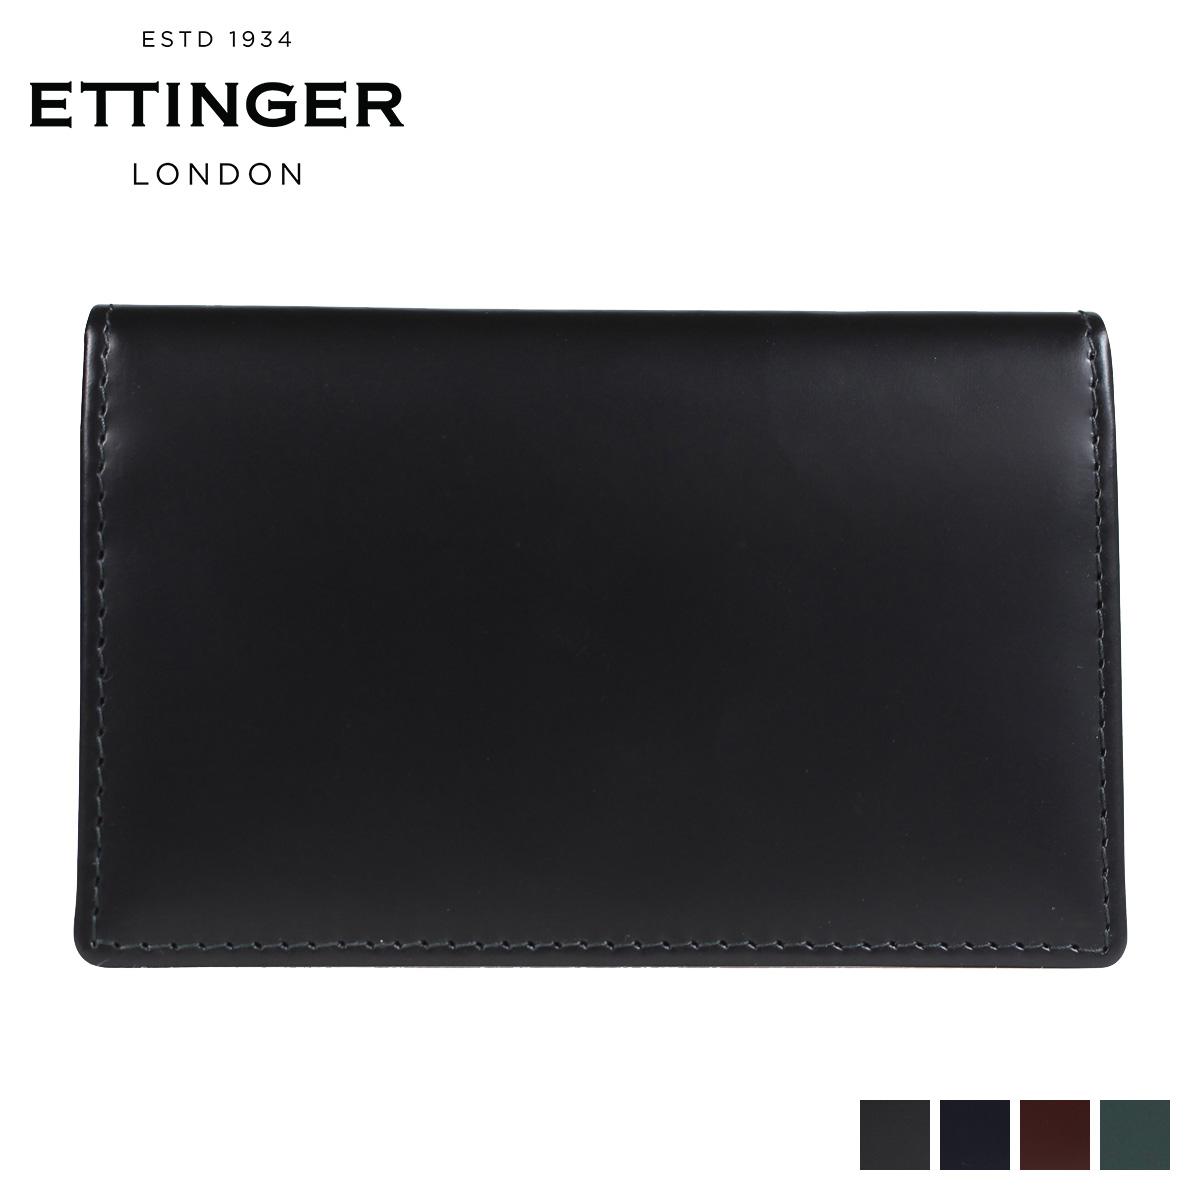 ETTINGER エッティンガー 名刺入れ カードケース メンズ BRIDLE VISITING CARD CASE ブラック ネイビー ブラウン グリーン 黒 BH143JR [3/12 再入荷]